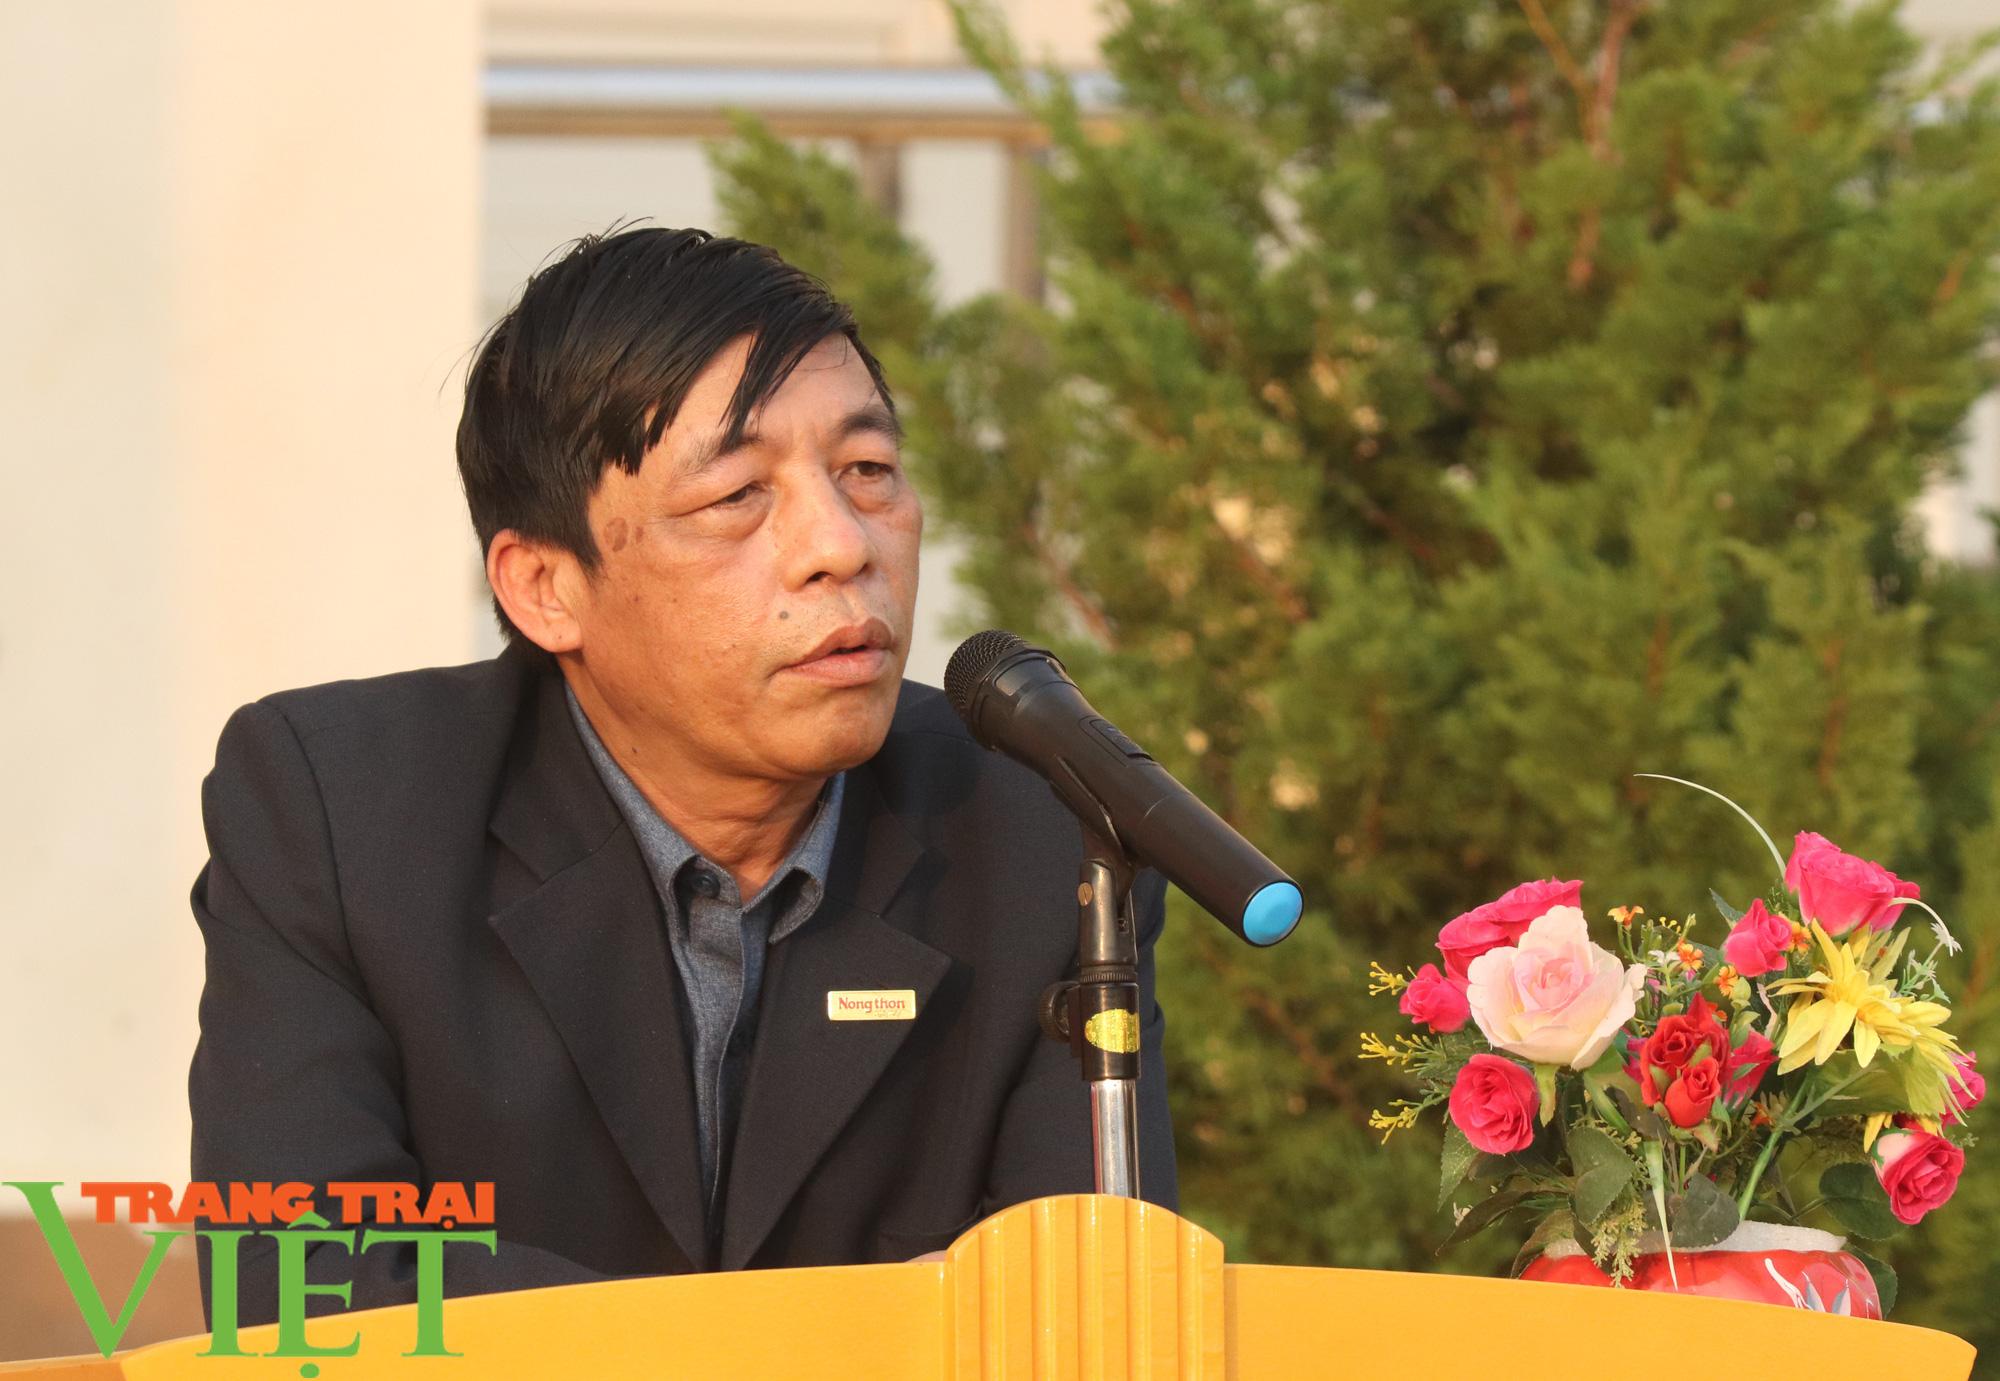 Báo NTNN/Dân Việt/Trang Trại Việt chung tay lo tết với nông dân nghèo Sơn La  - Ảnh 11.